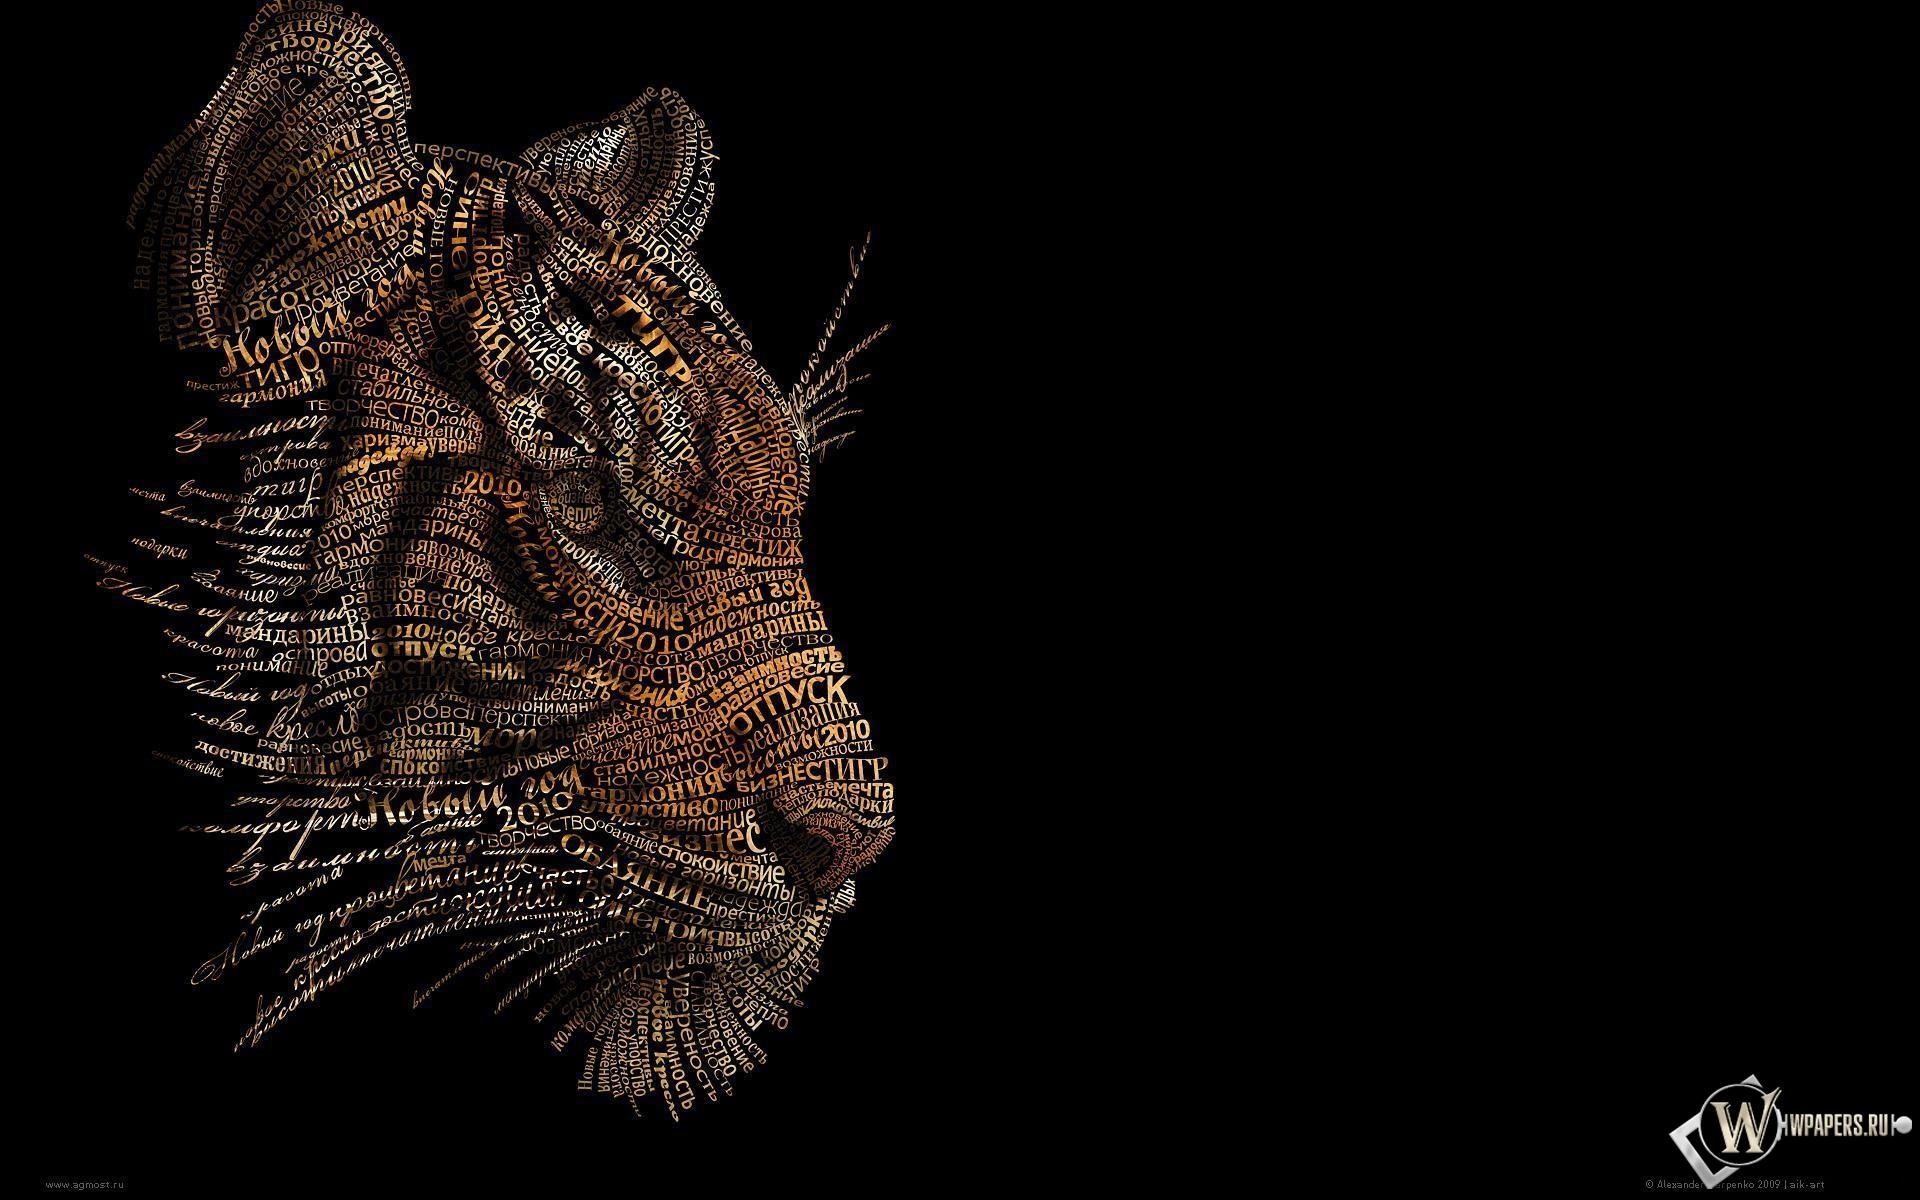 Тигр из фраз 1920x1200